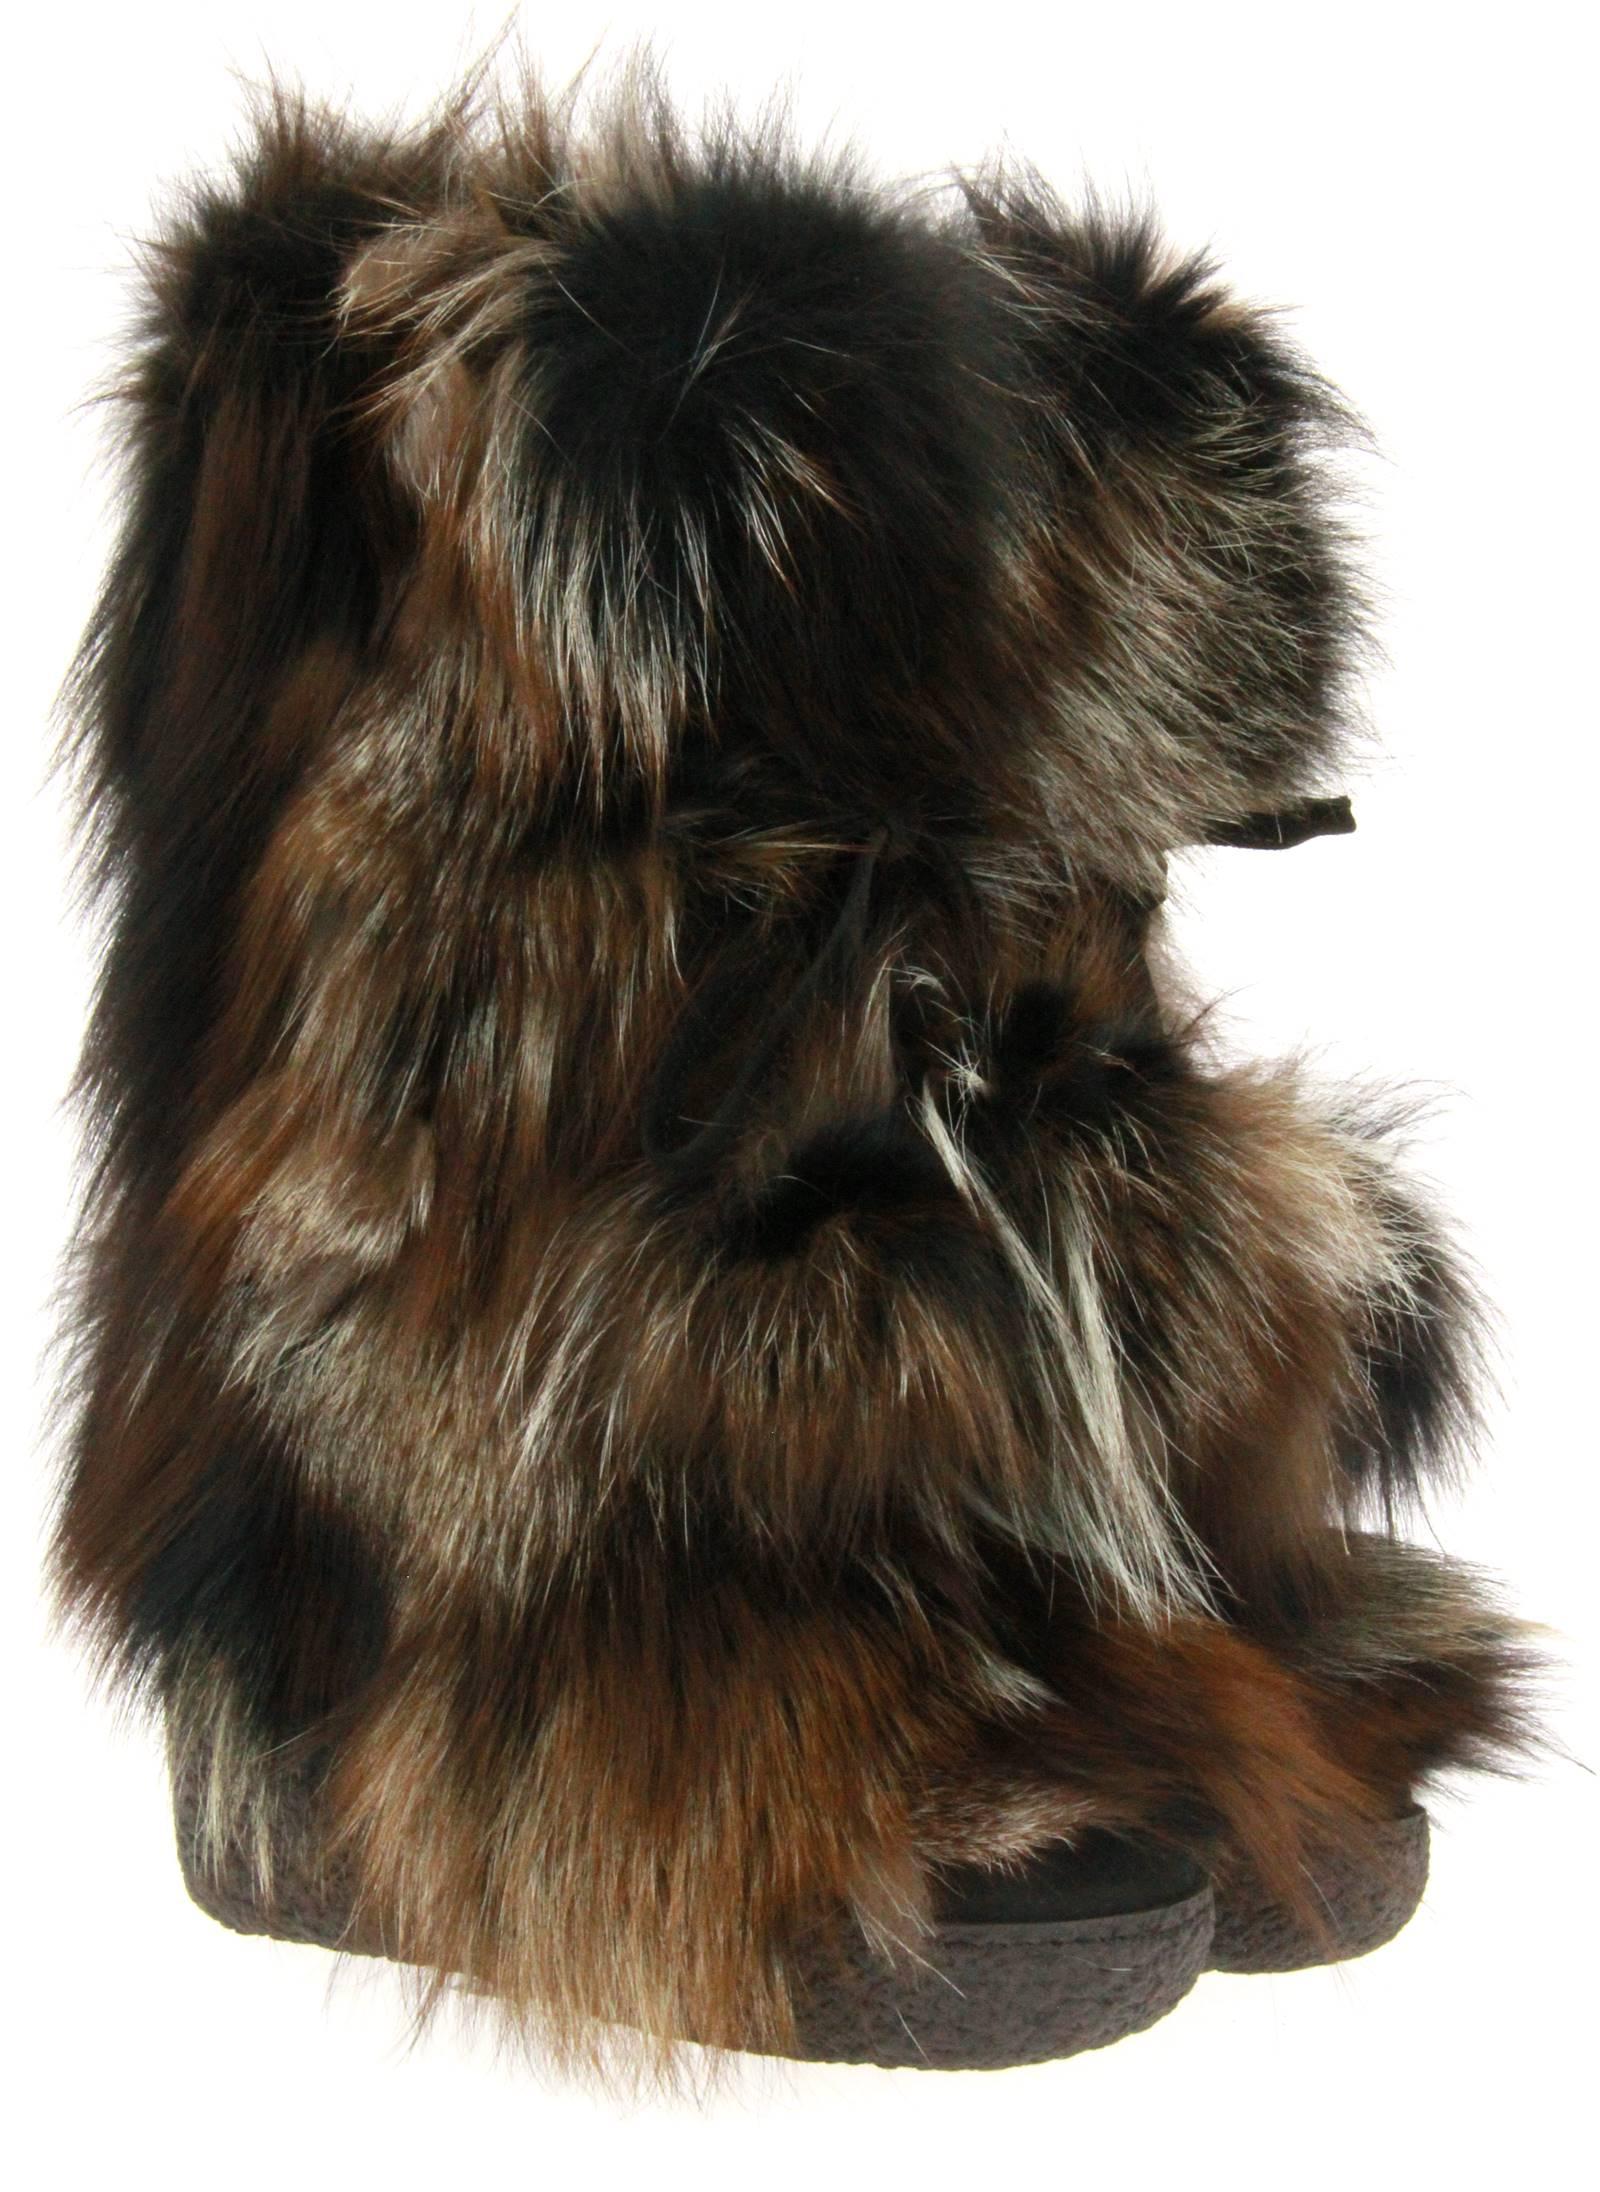 Diavolezza fur boots MIX BEIGE FOX